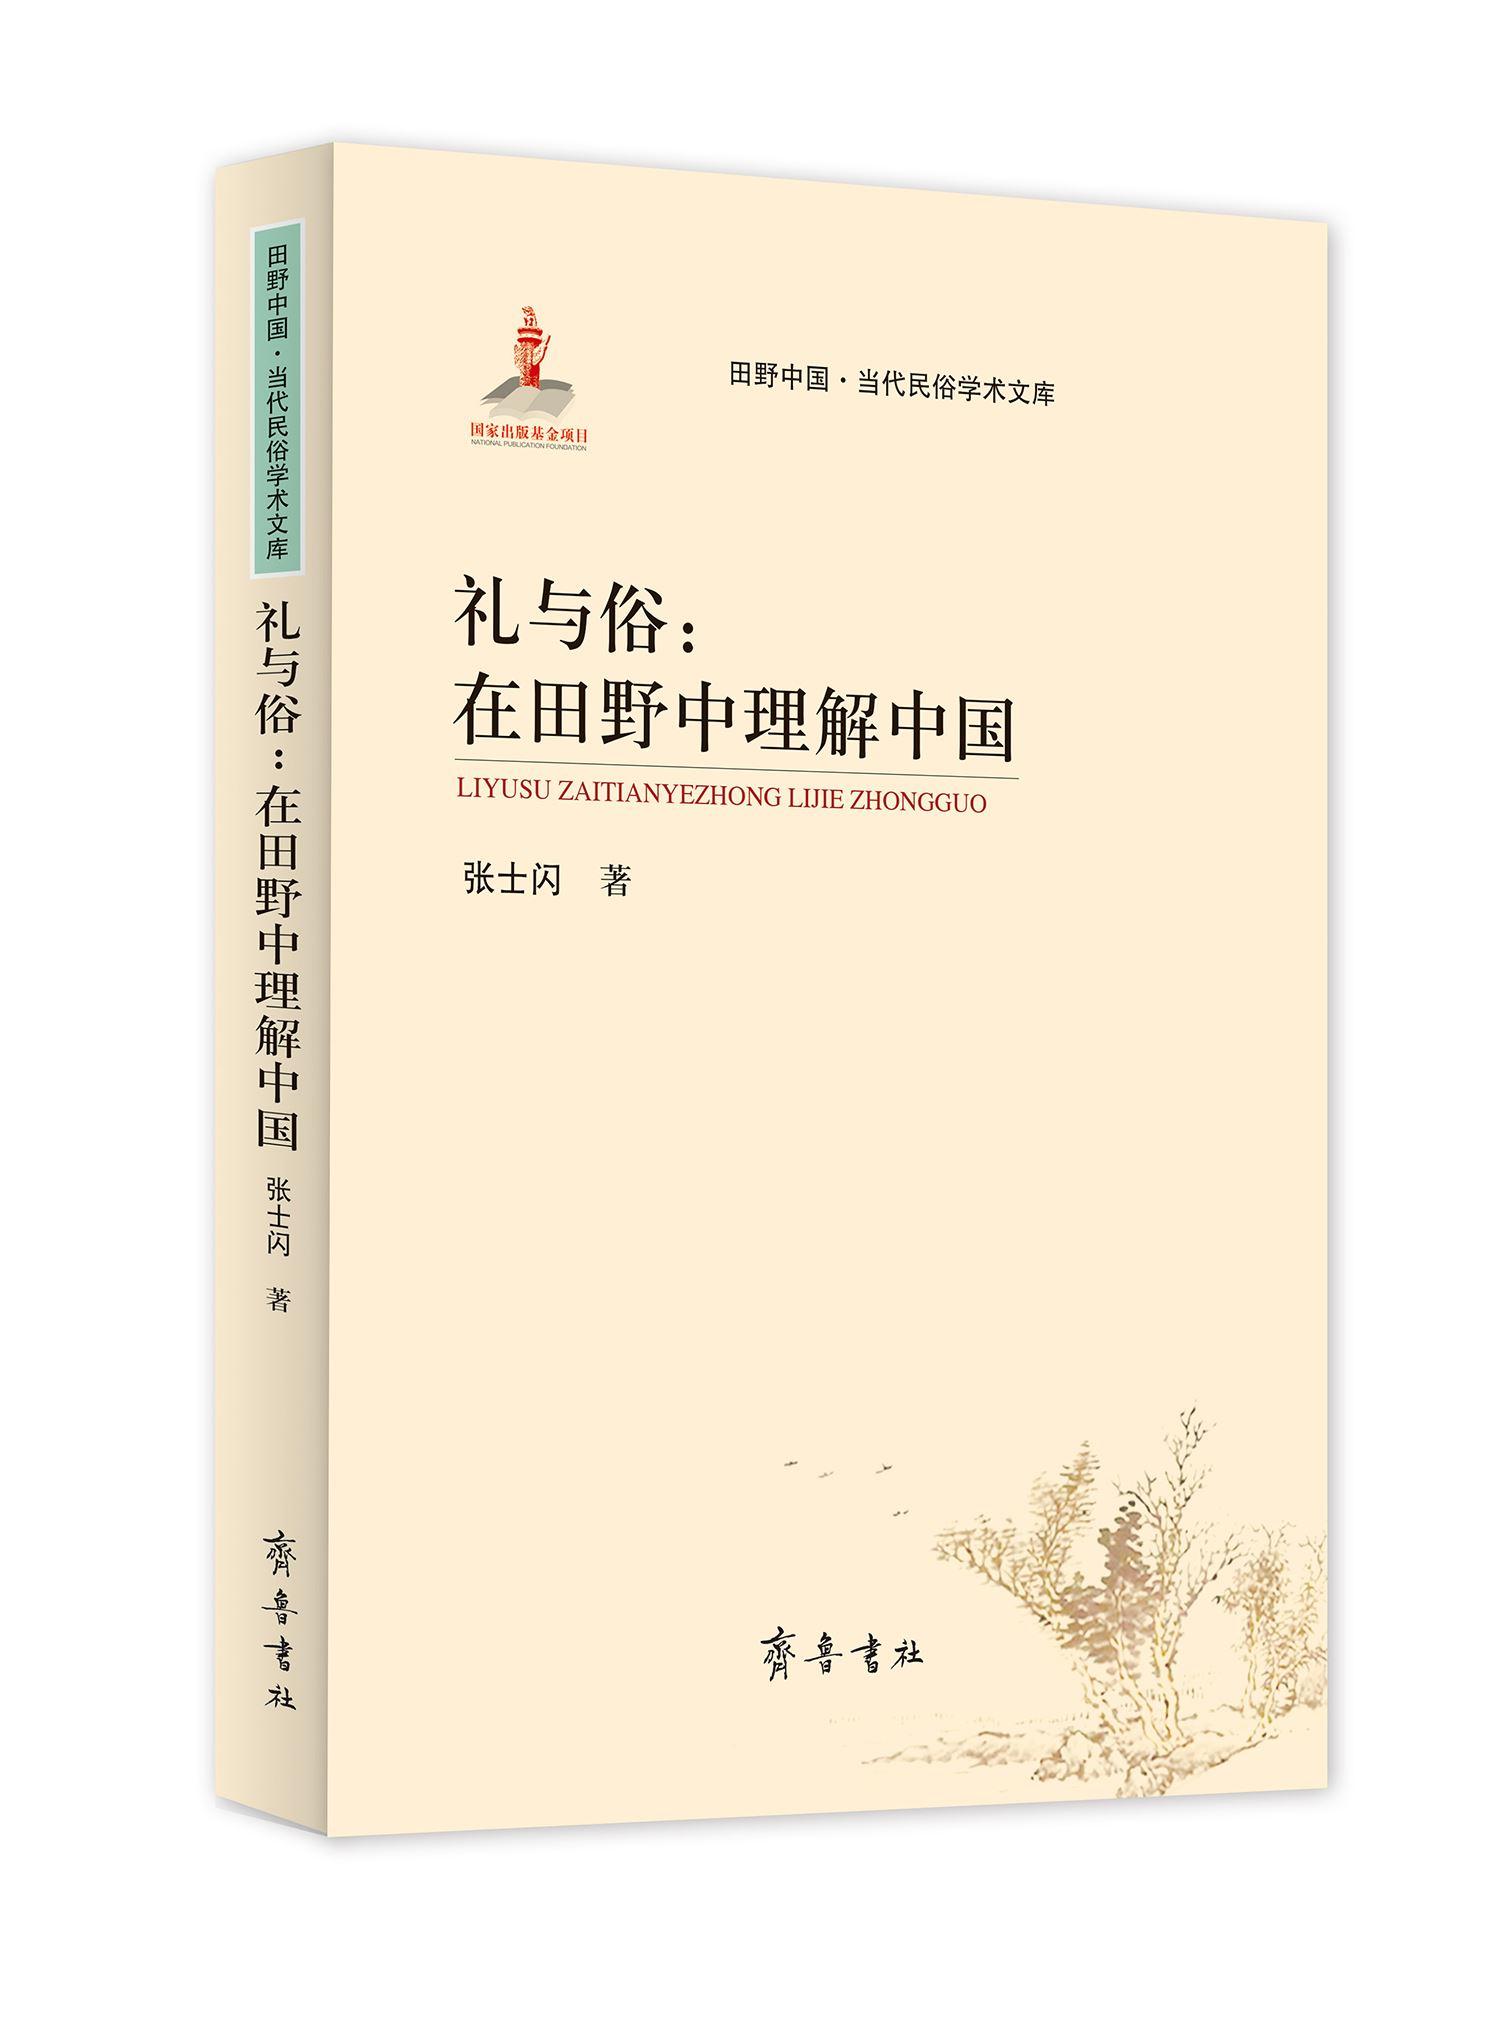 山东齐鲁书社出版有限公司_礼与俗:在田野中理解中国